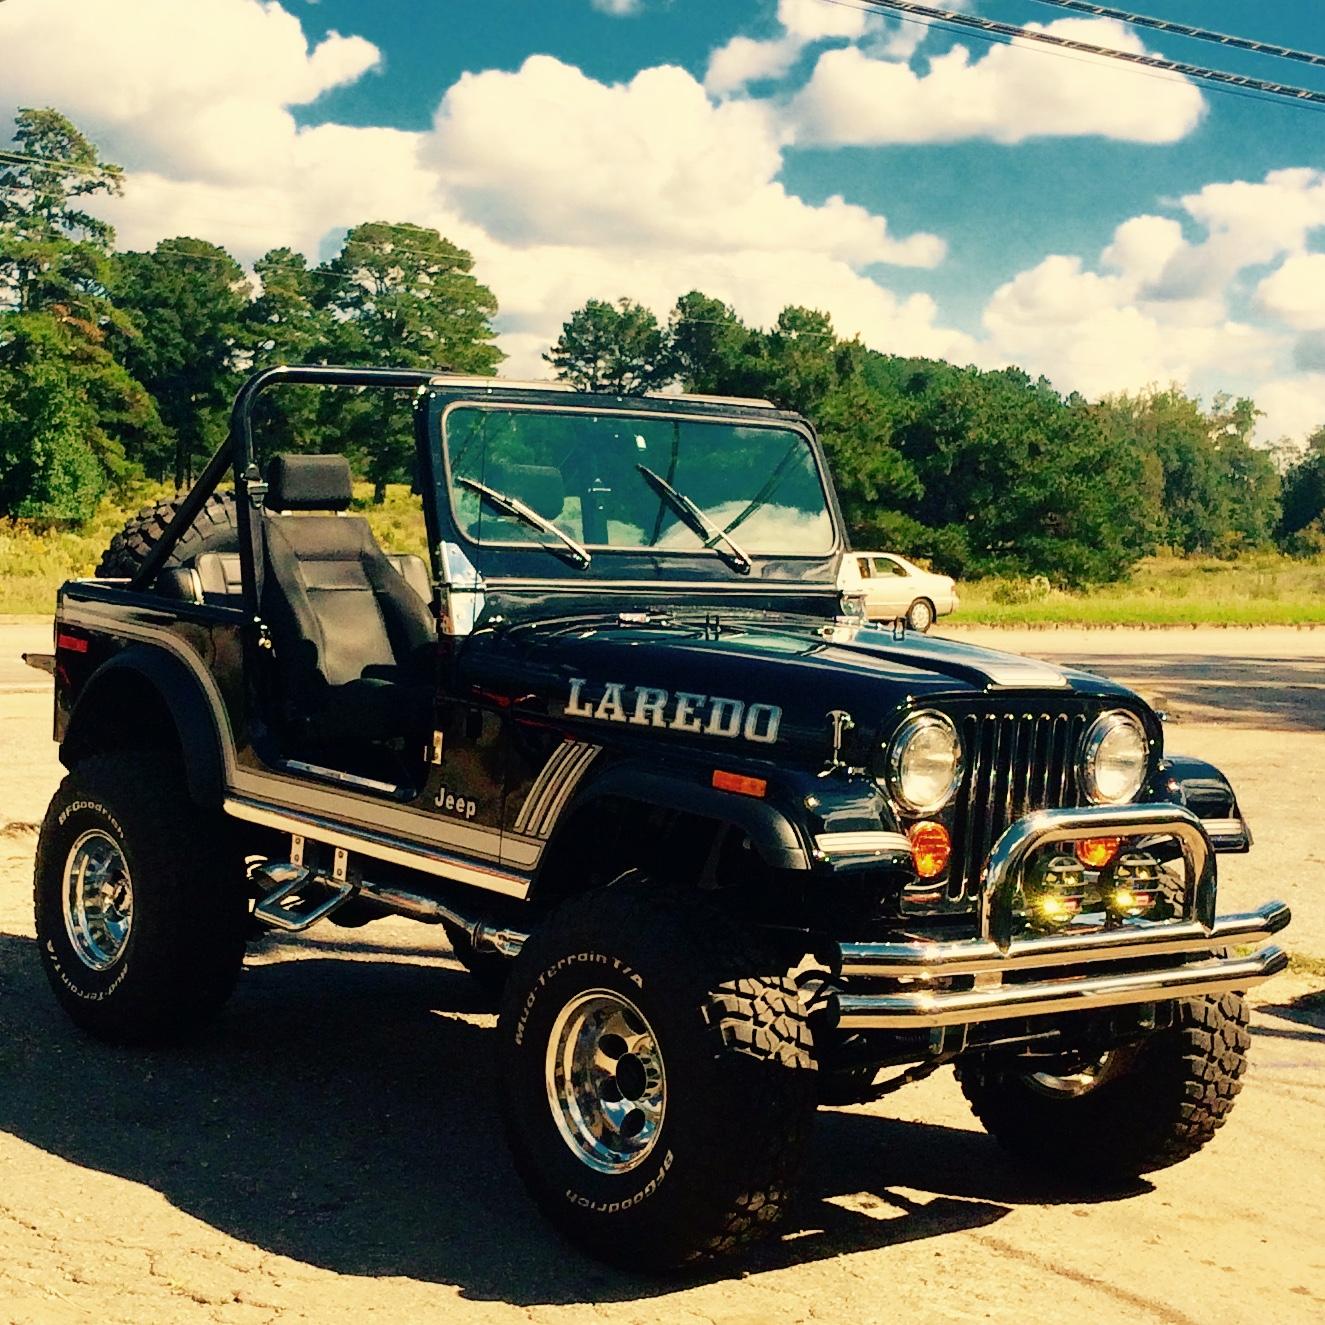 1985 CJ7 Laredo Thumbnail